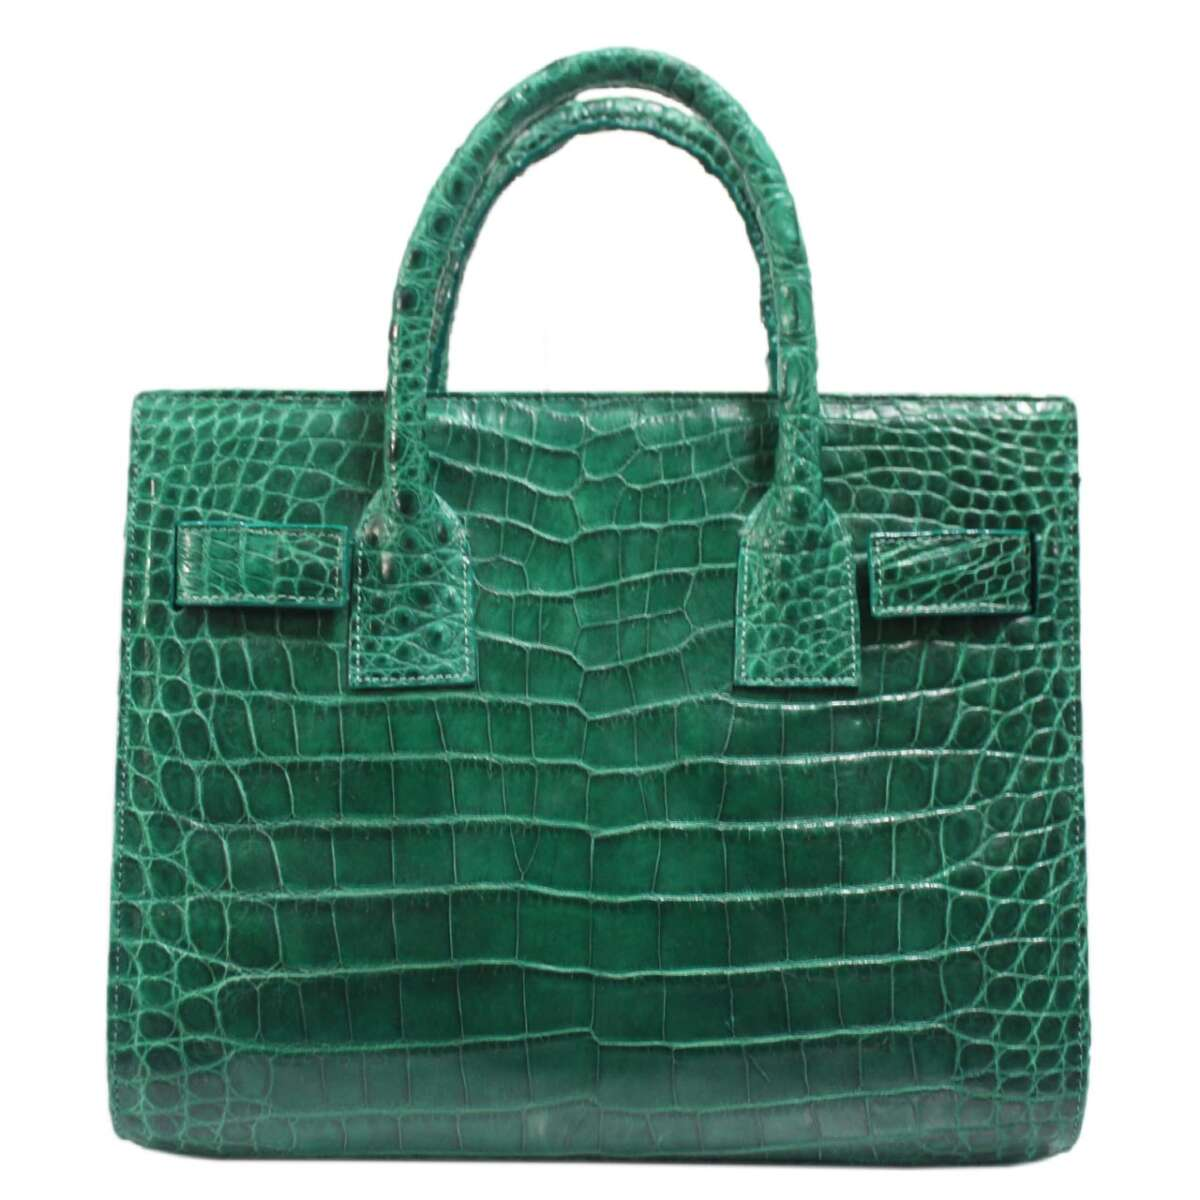 Túi xách nữ da cá sấu S033a